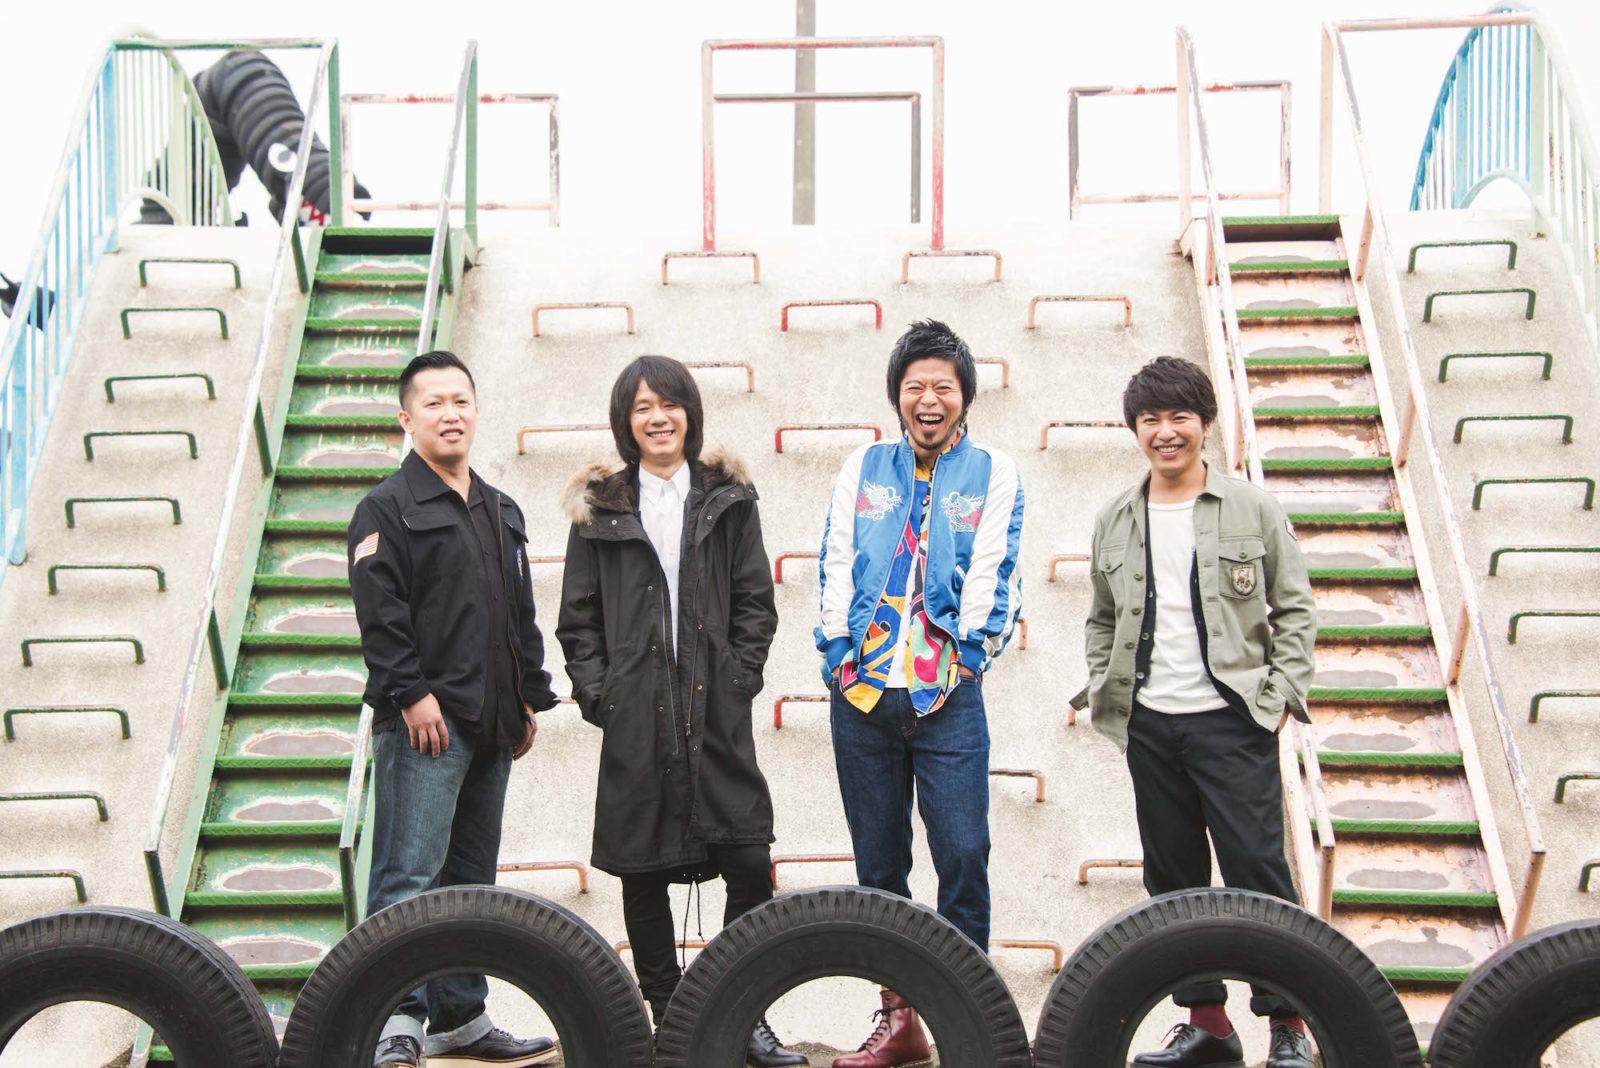 関西電気保安協会WEB限定スペシャルムービーのテーマソングにTHEイナズマ戦隊が決定サムネイル画像